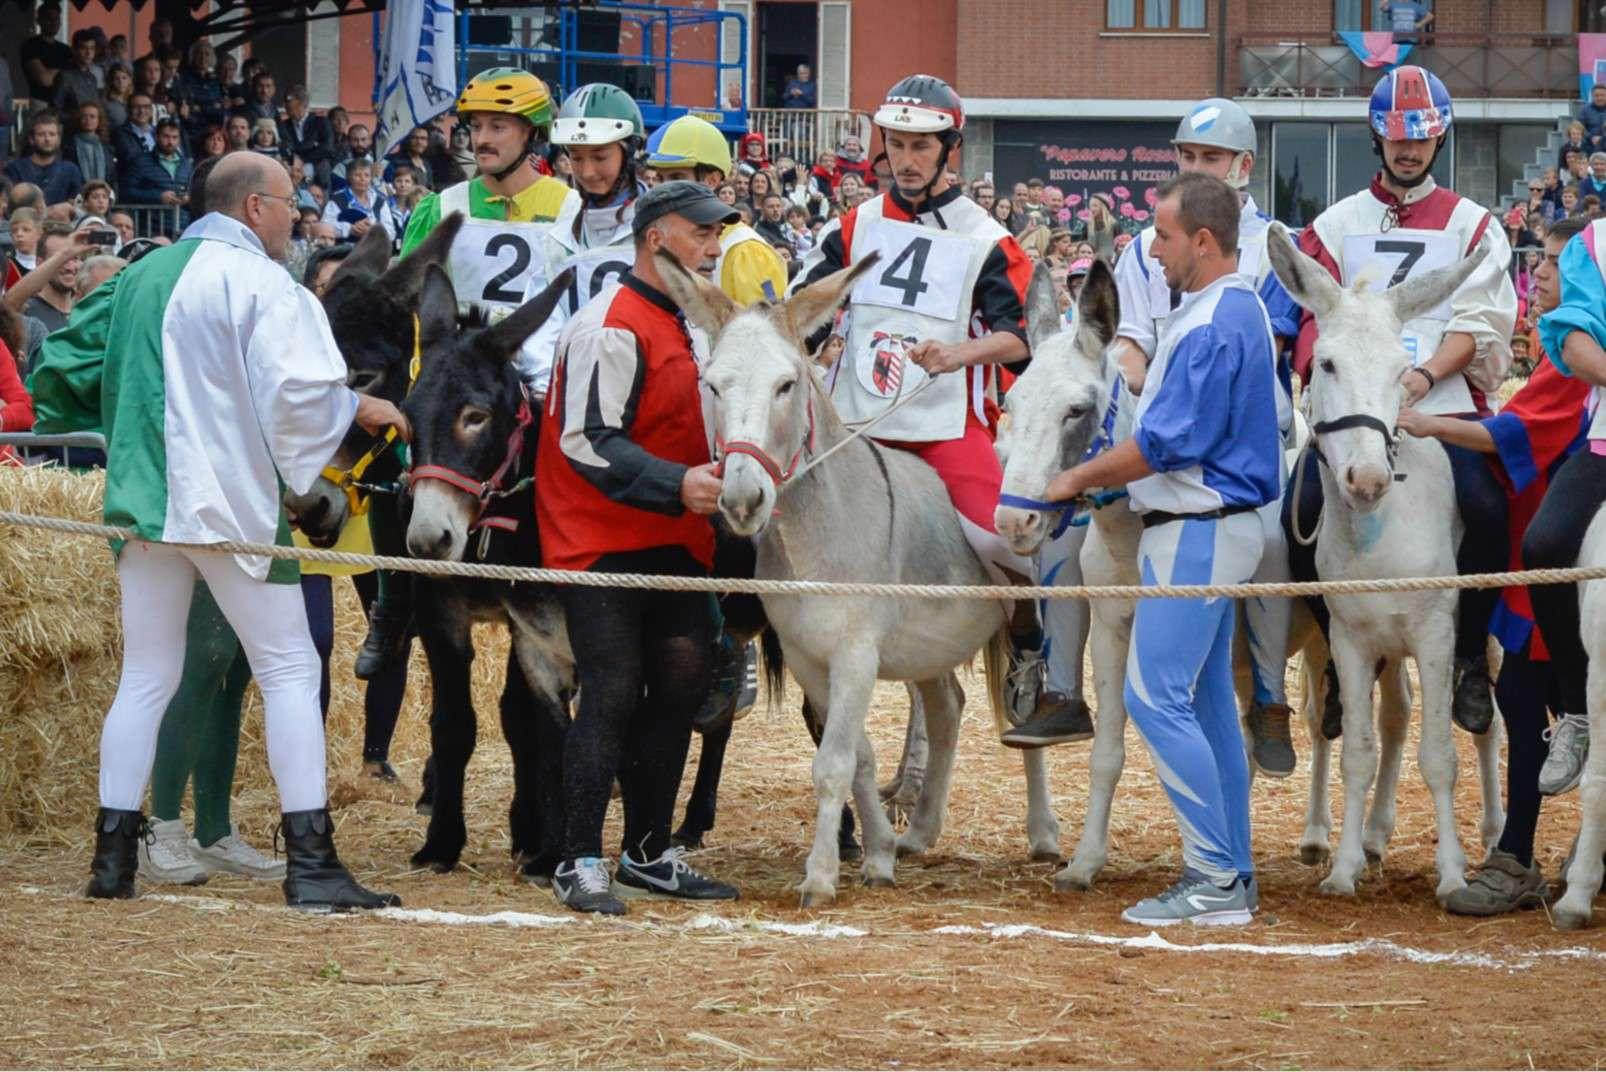 Fiera Internazionale del Tartufo Bianco d'Alba donkey race